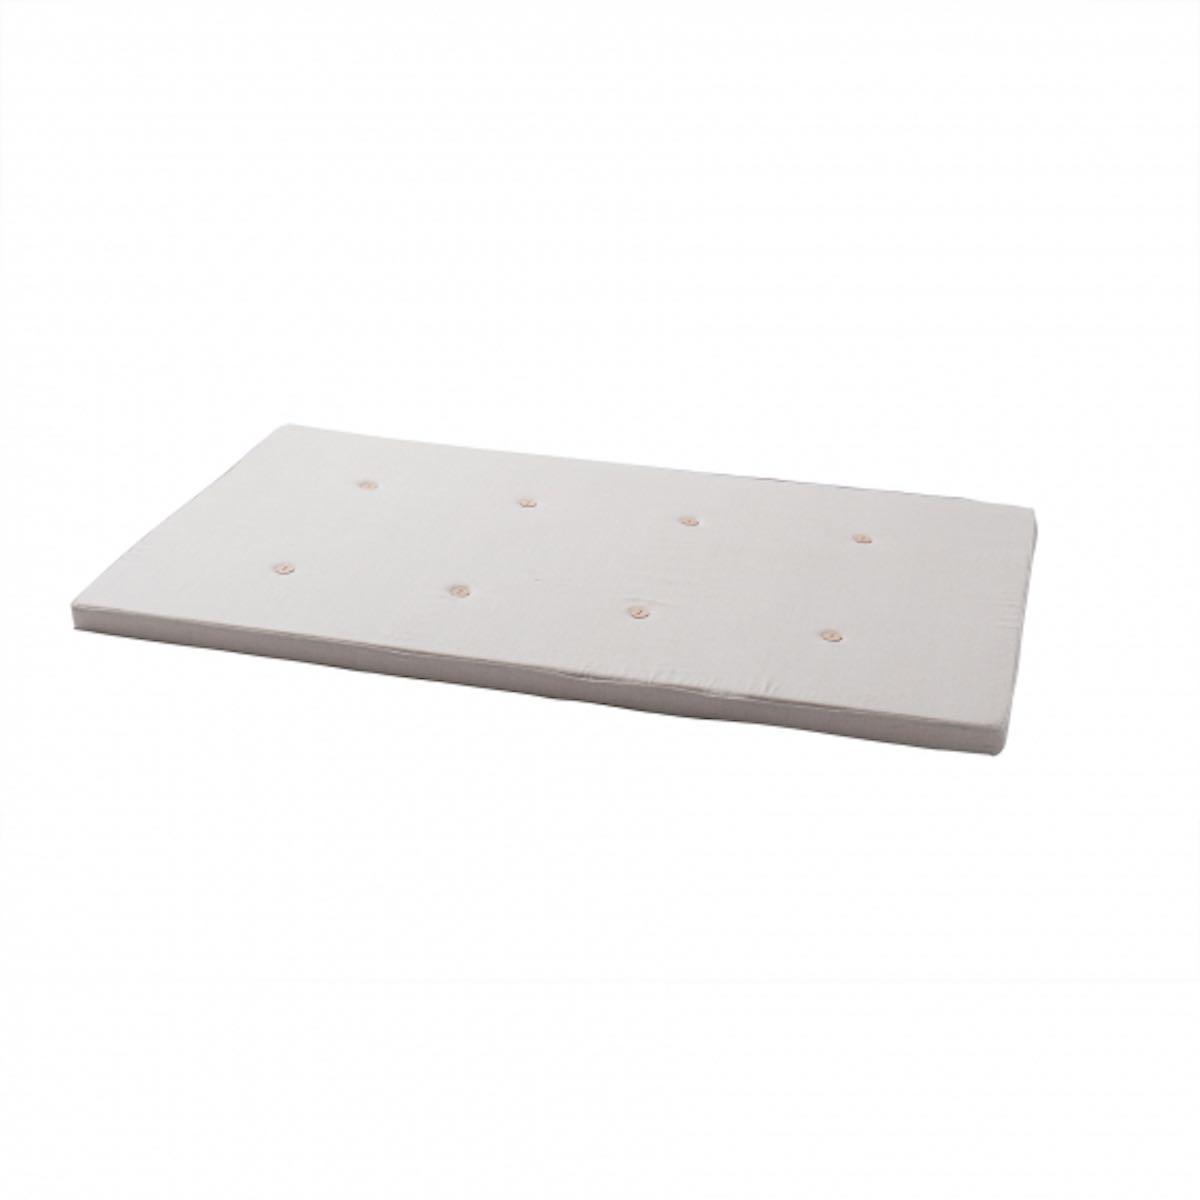 Colchón juegos 90x160cm cama media-alta SEASIDE Oliver Furniture